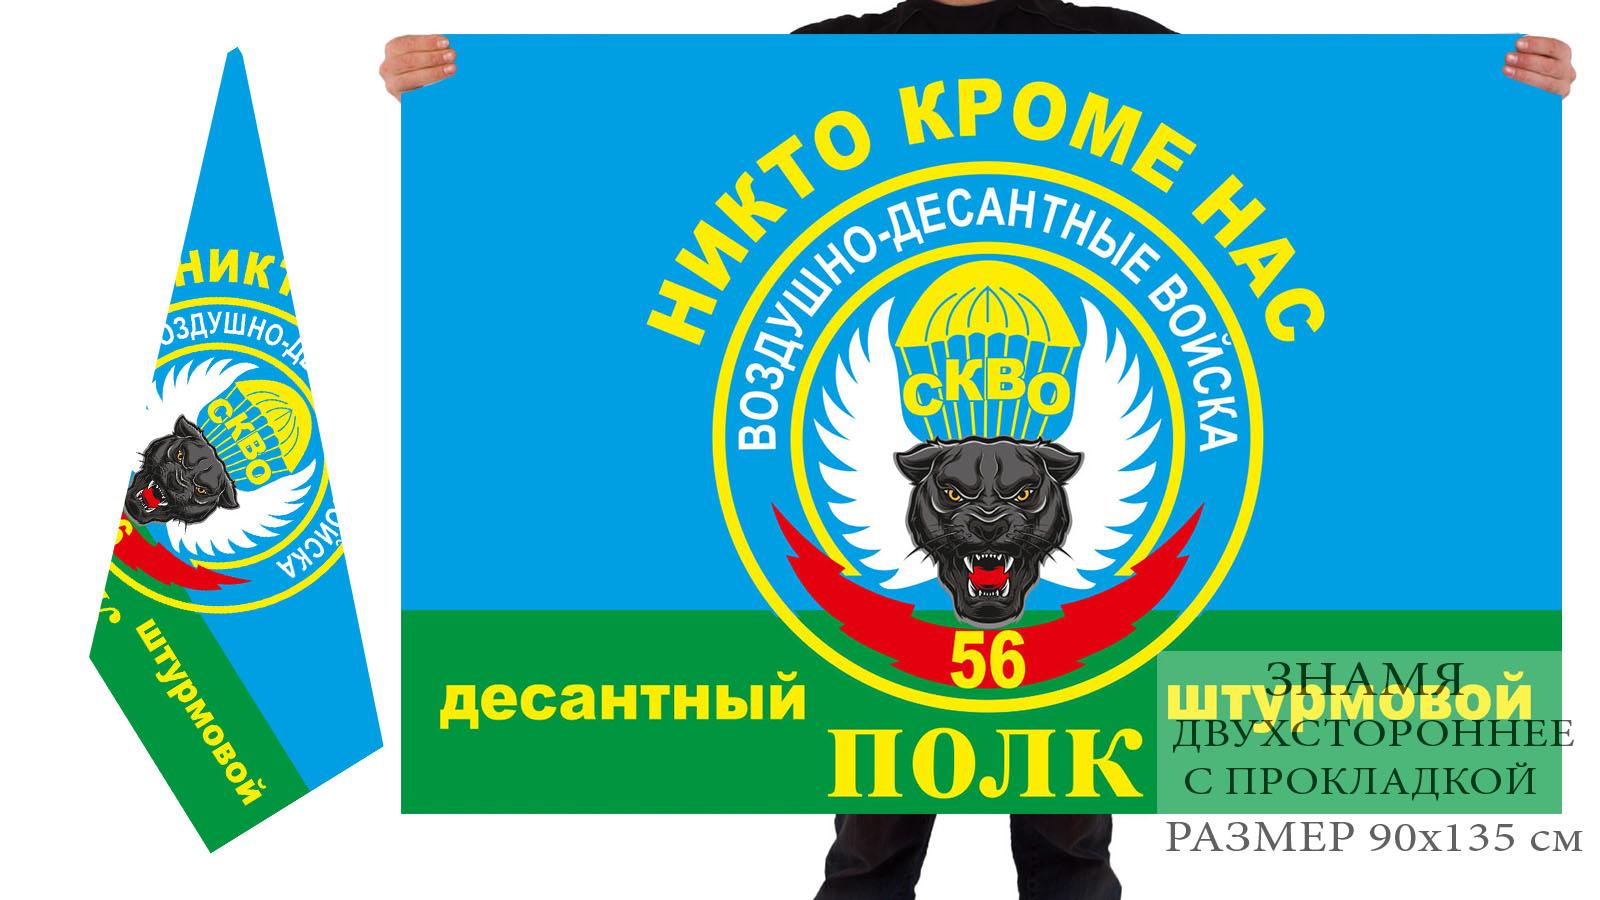 """Двусторонний флаг ВДВ 56 десантного штурмового полка """"Никто кроме нас"""""""